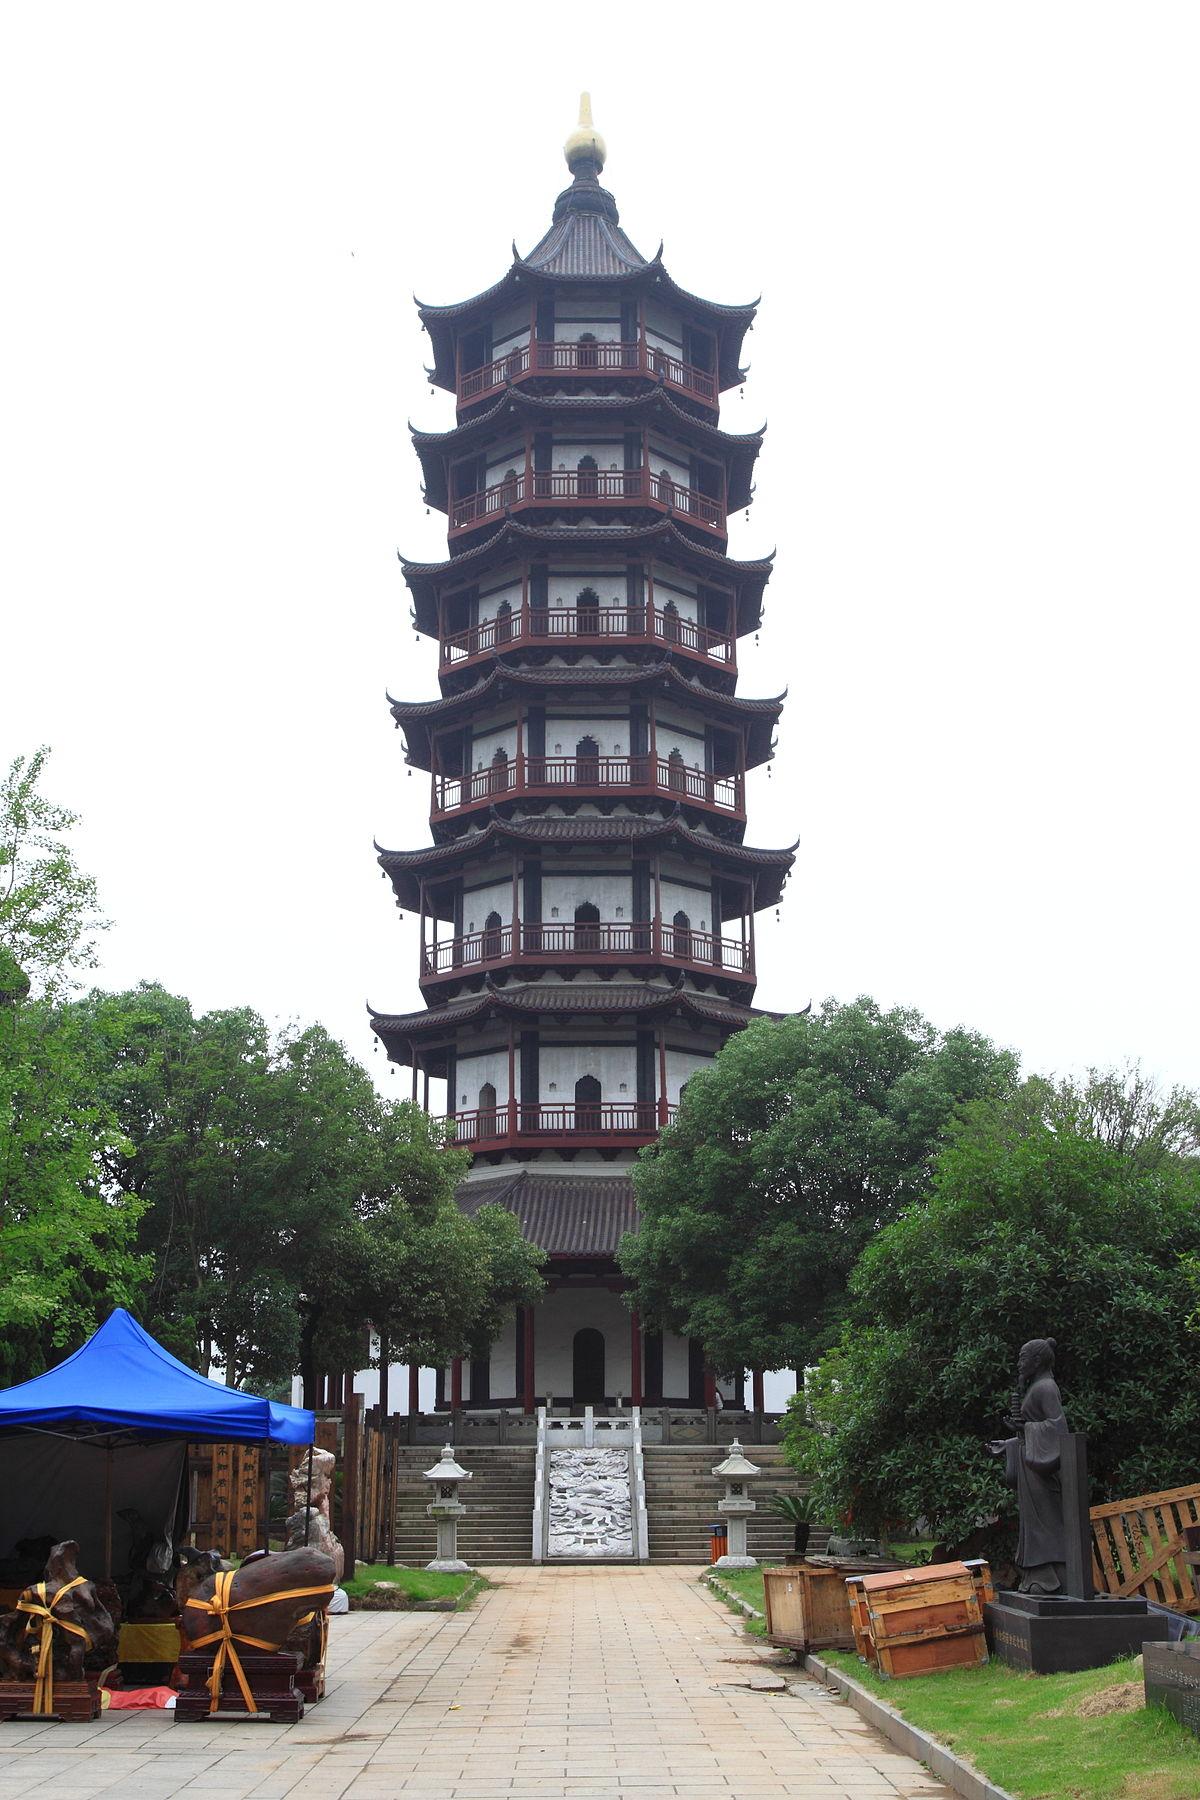 南昌市瑶湖_西湖区 (南昌市) - Wikipedia